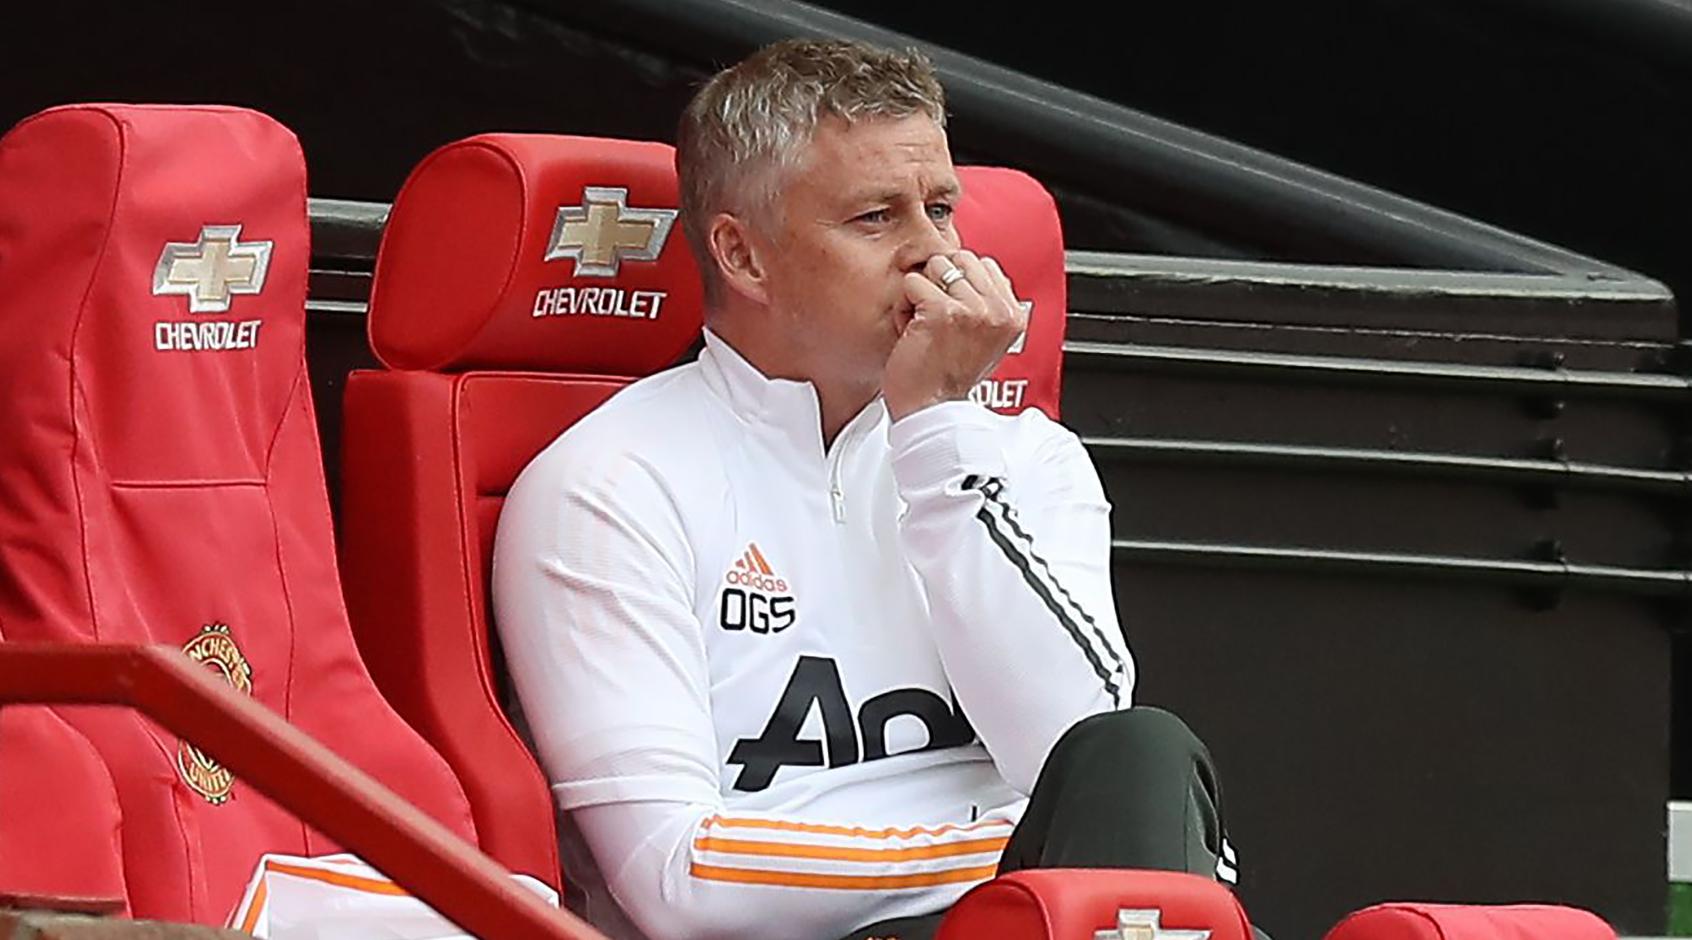 """Оле-Гуннар Сульшер: """"Могу подтвердить, Алексис Санчес и """"Манчестер Юнайтед"""" согласились на условия """"Интера"""""""